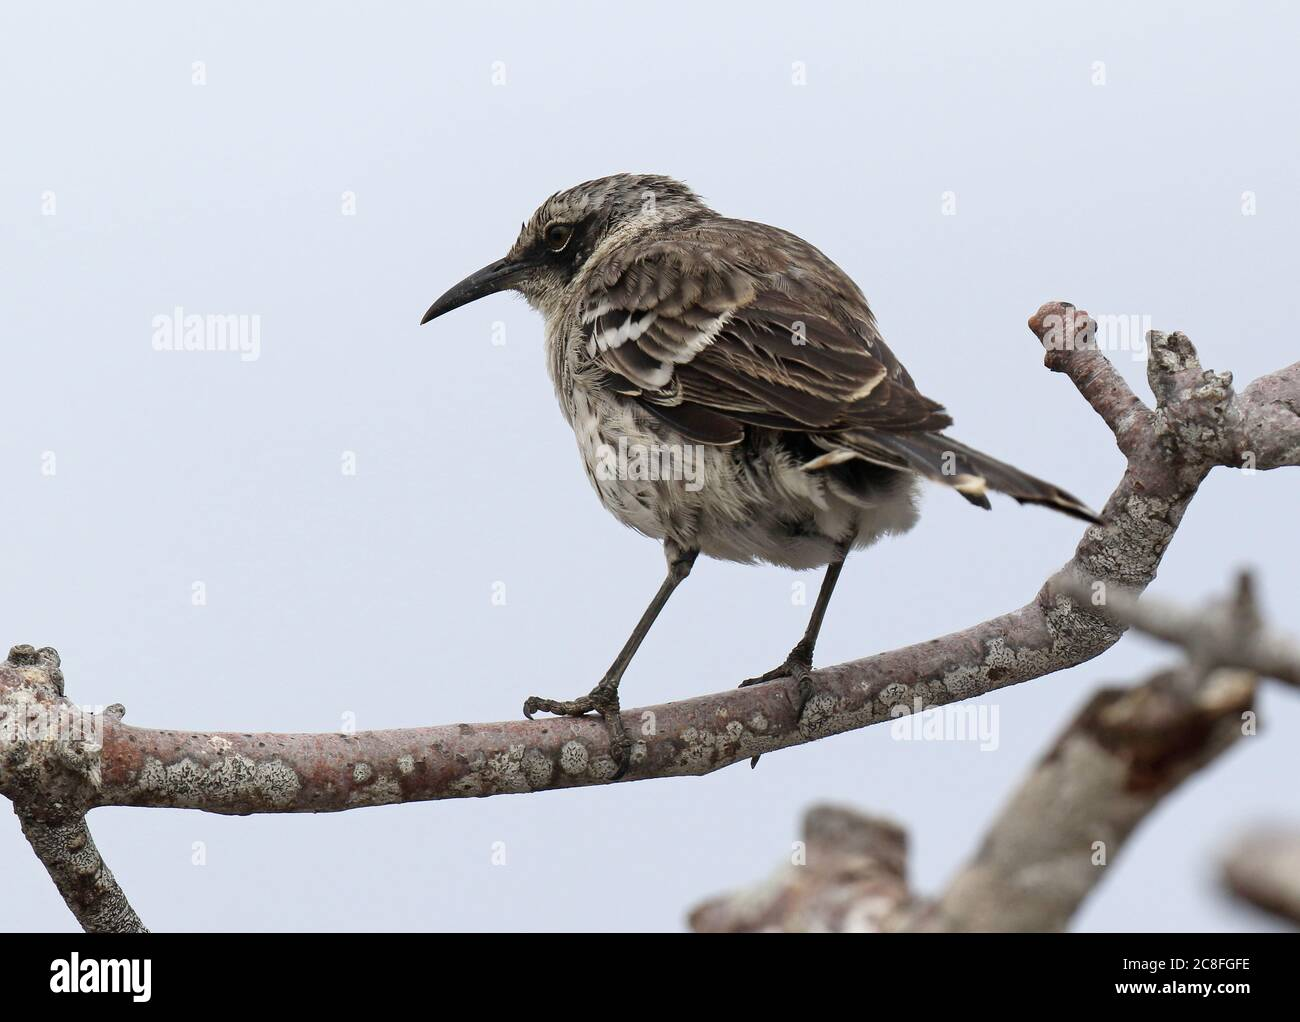 Galapagos mockingbird (Mimus parvulus, Nesomimus parvulus), perché dans un bas arbre, Équateur, îles Galapagos Banque D'Images